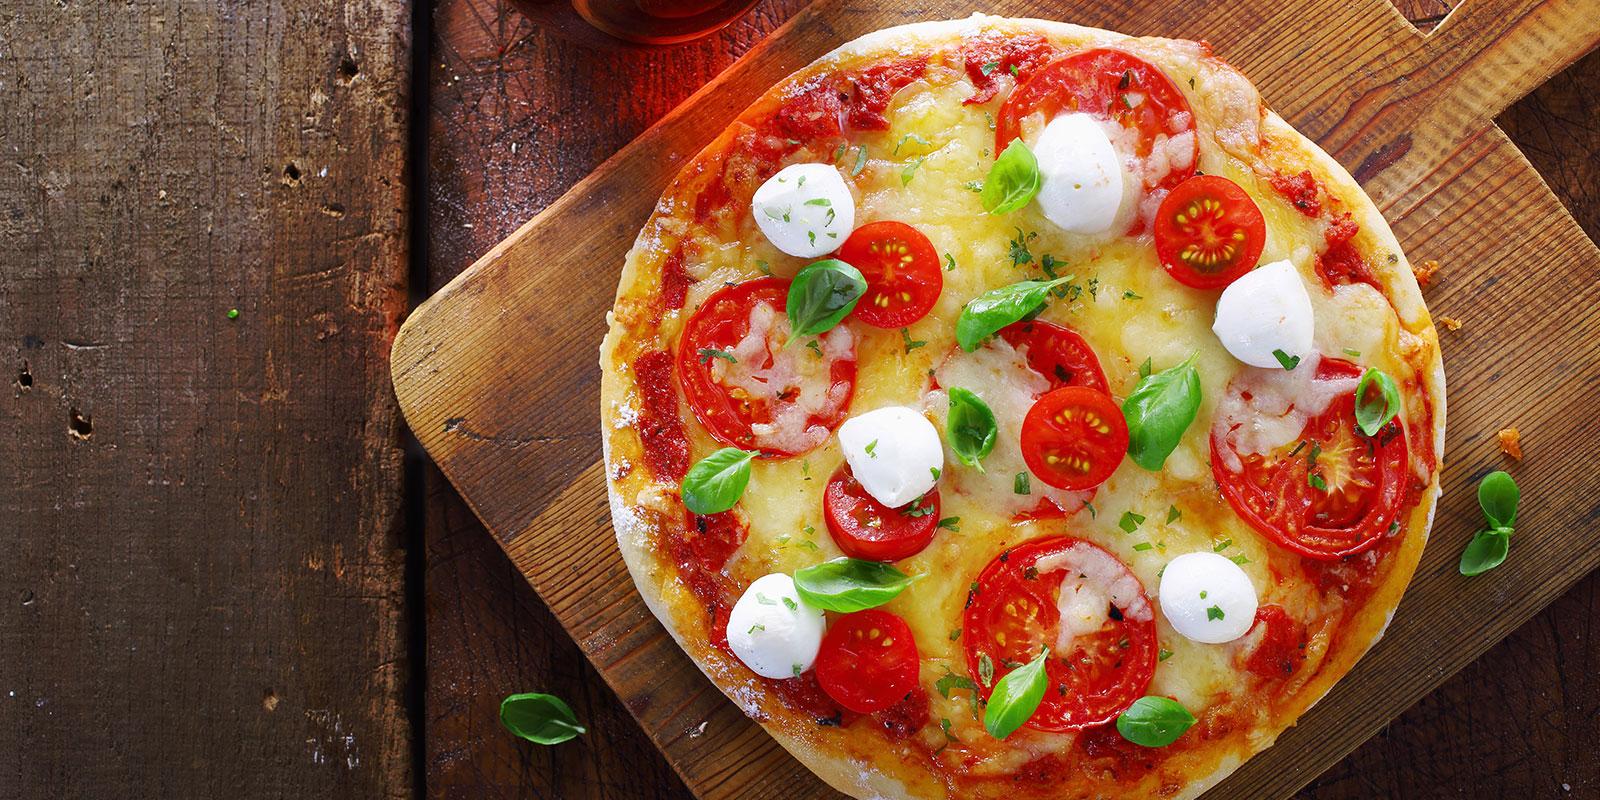 Miami Pizza Miami Pizza Newcastle Upon Tyne Takeaway